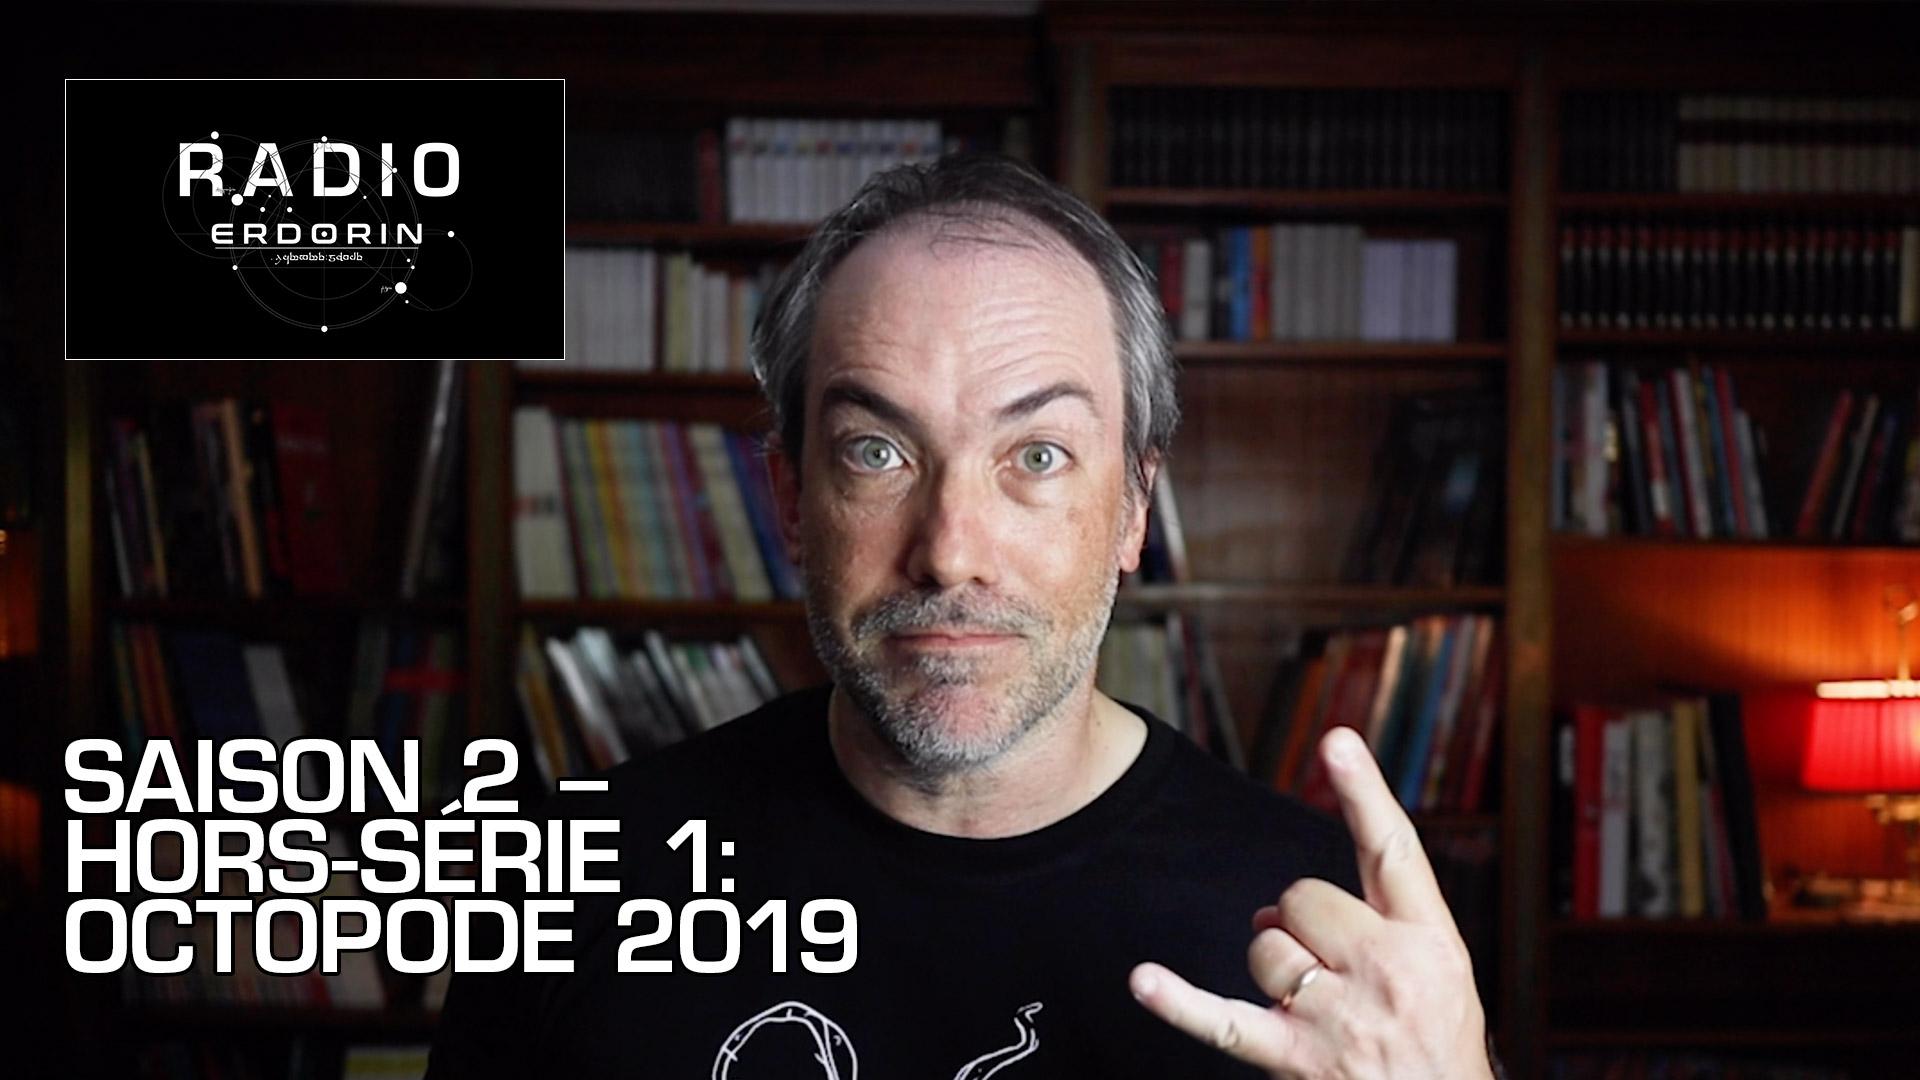 Radio-Erdorin, S2HS1 – Octopode 2019